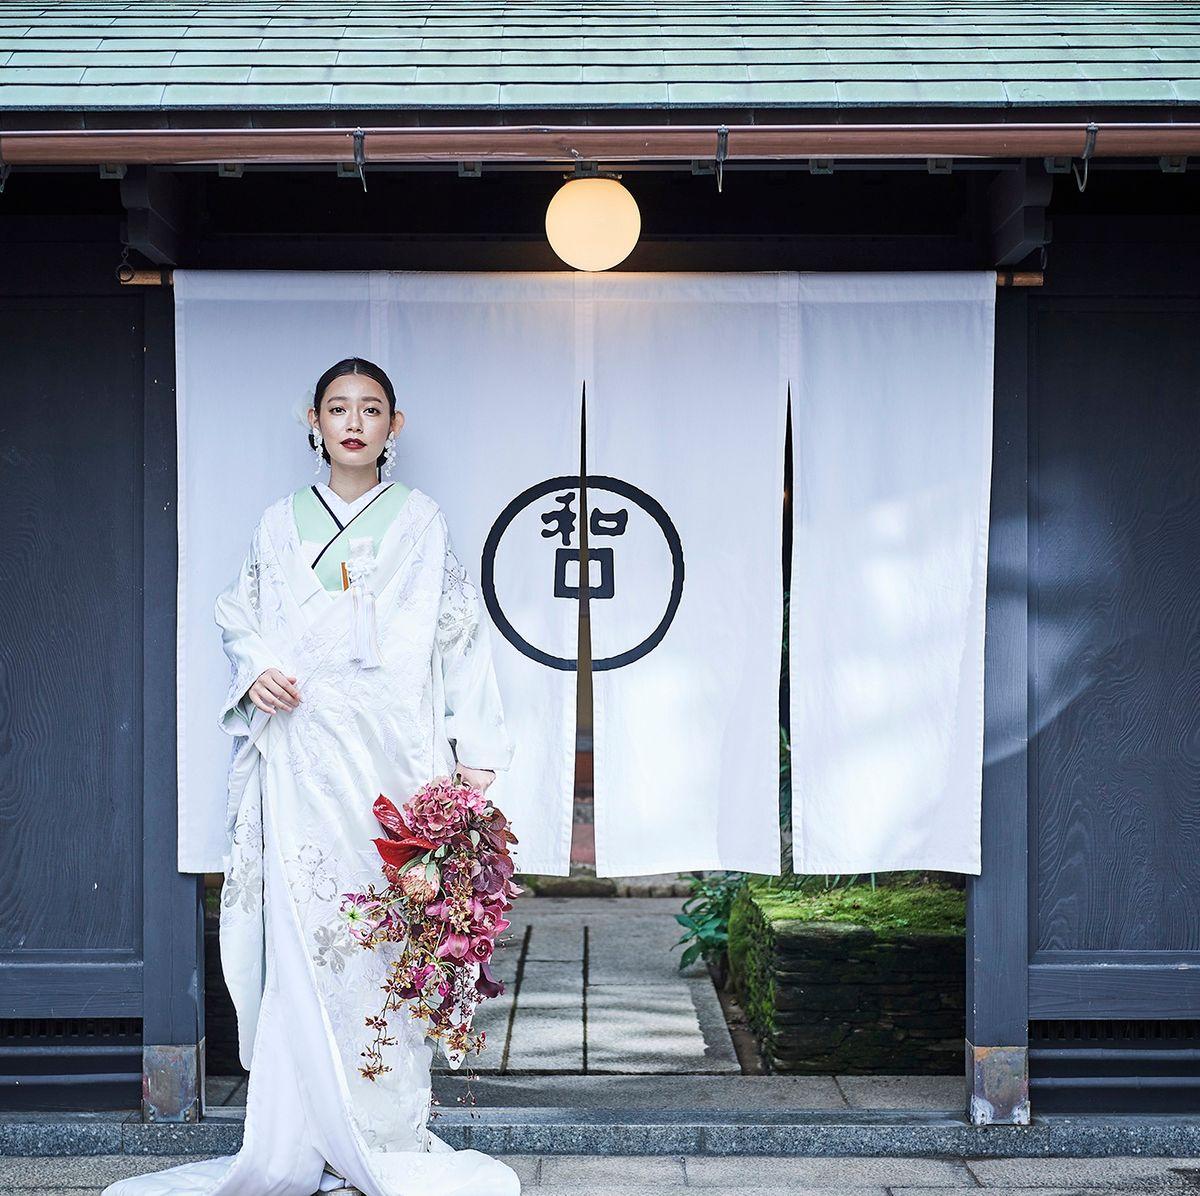 イノベーティブ・フレンチ ワタハン by Furuyu Onsen ONCRIの公式写真1枚目